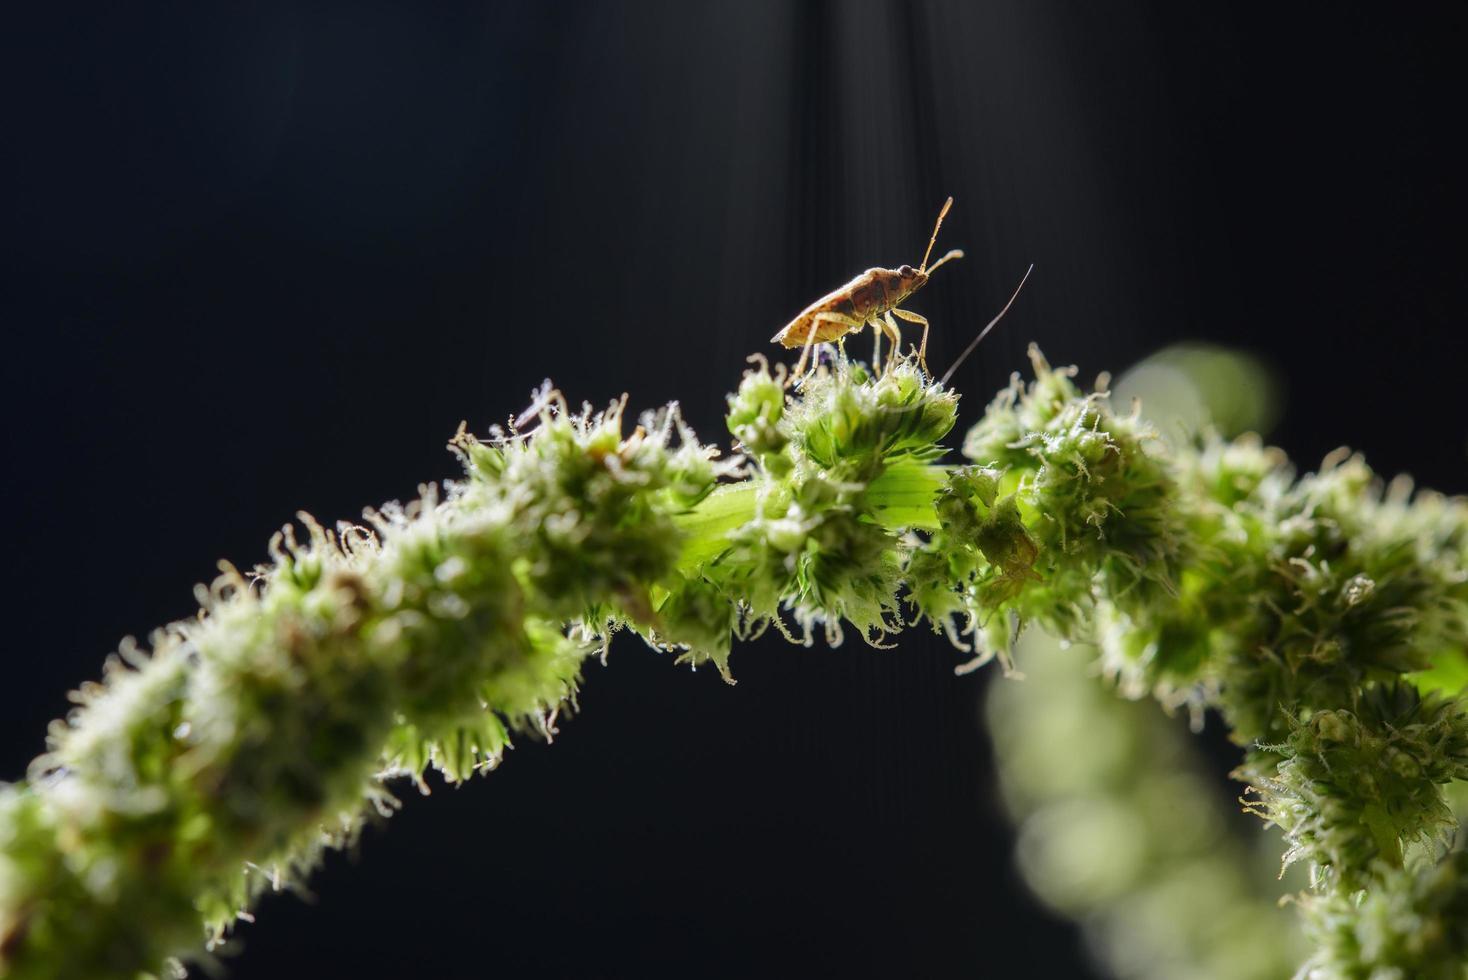 Insekt auf einer Pflanze foto